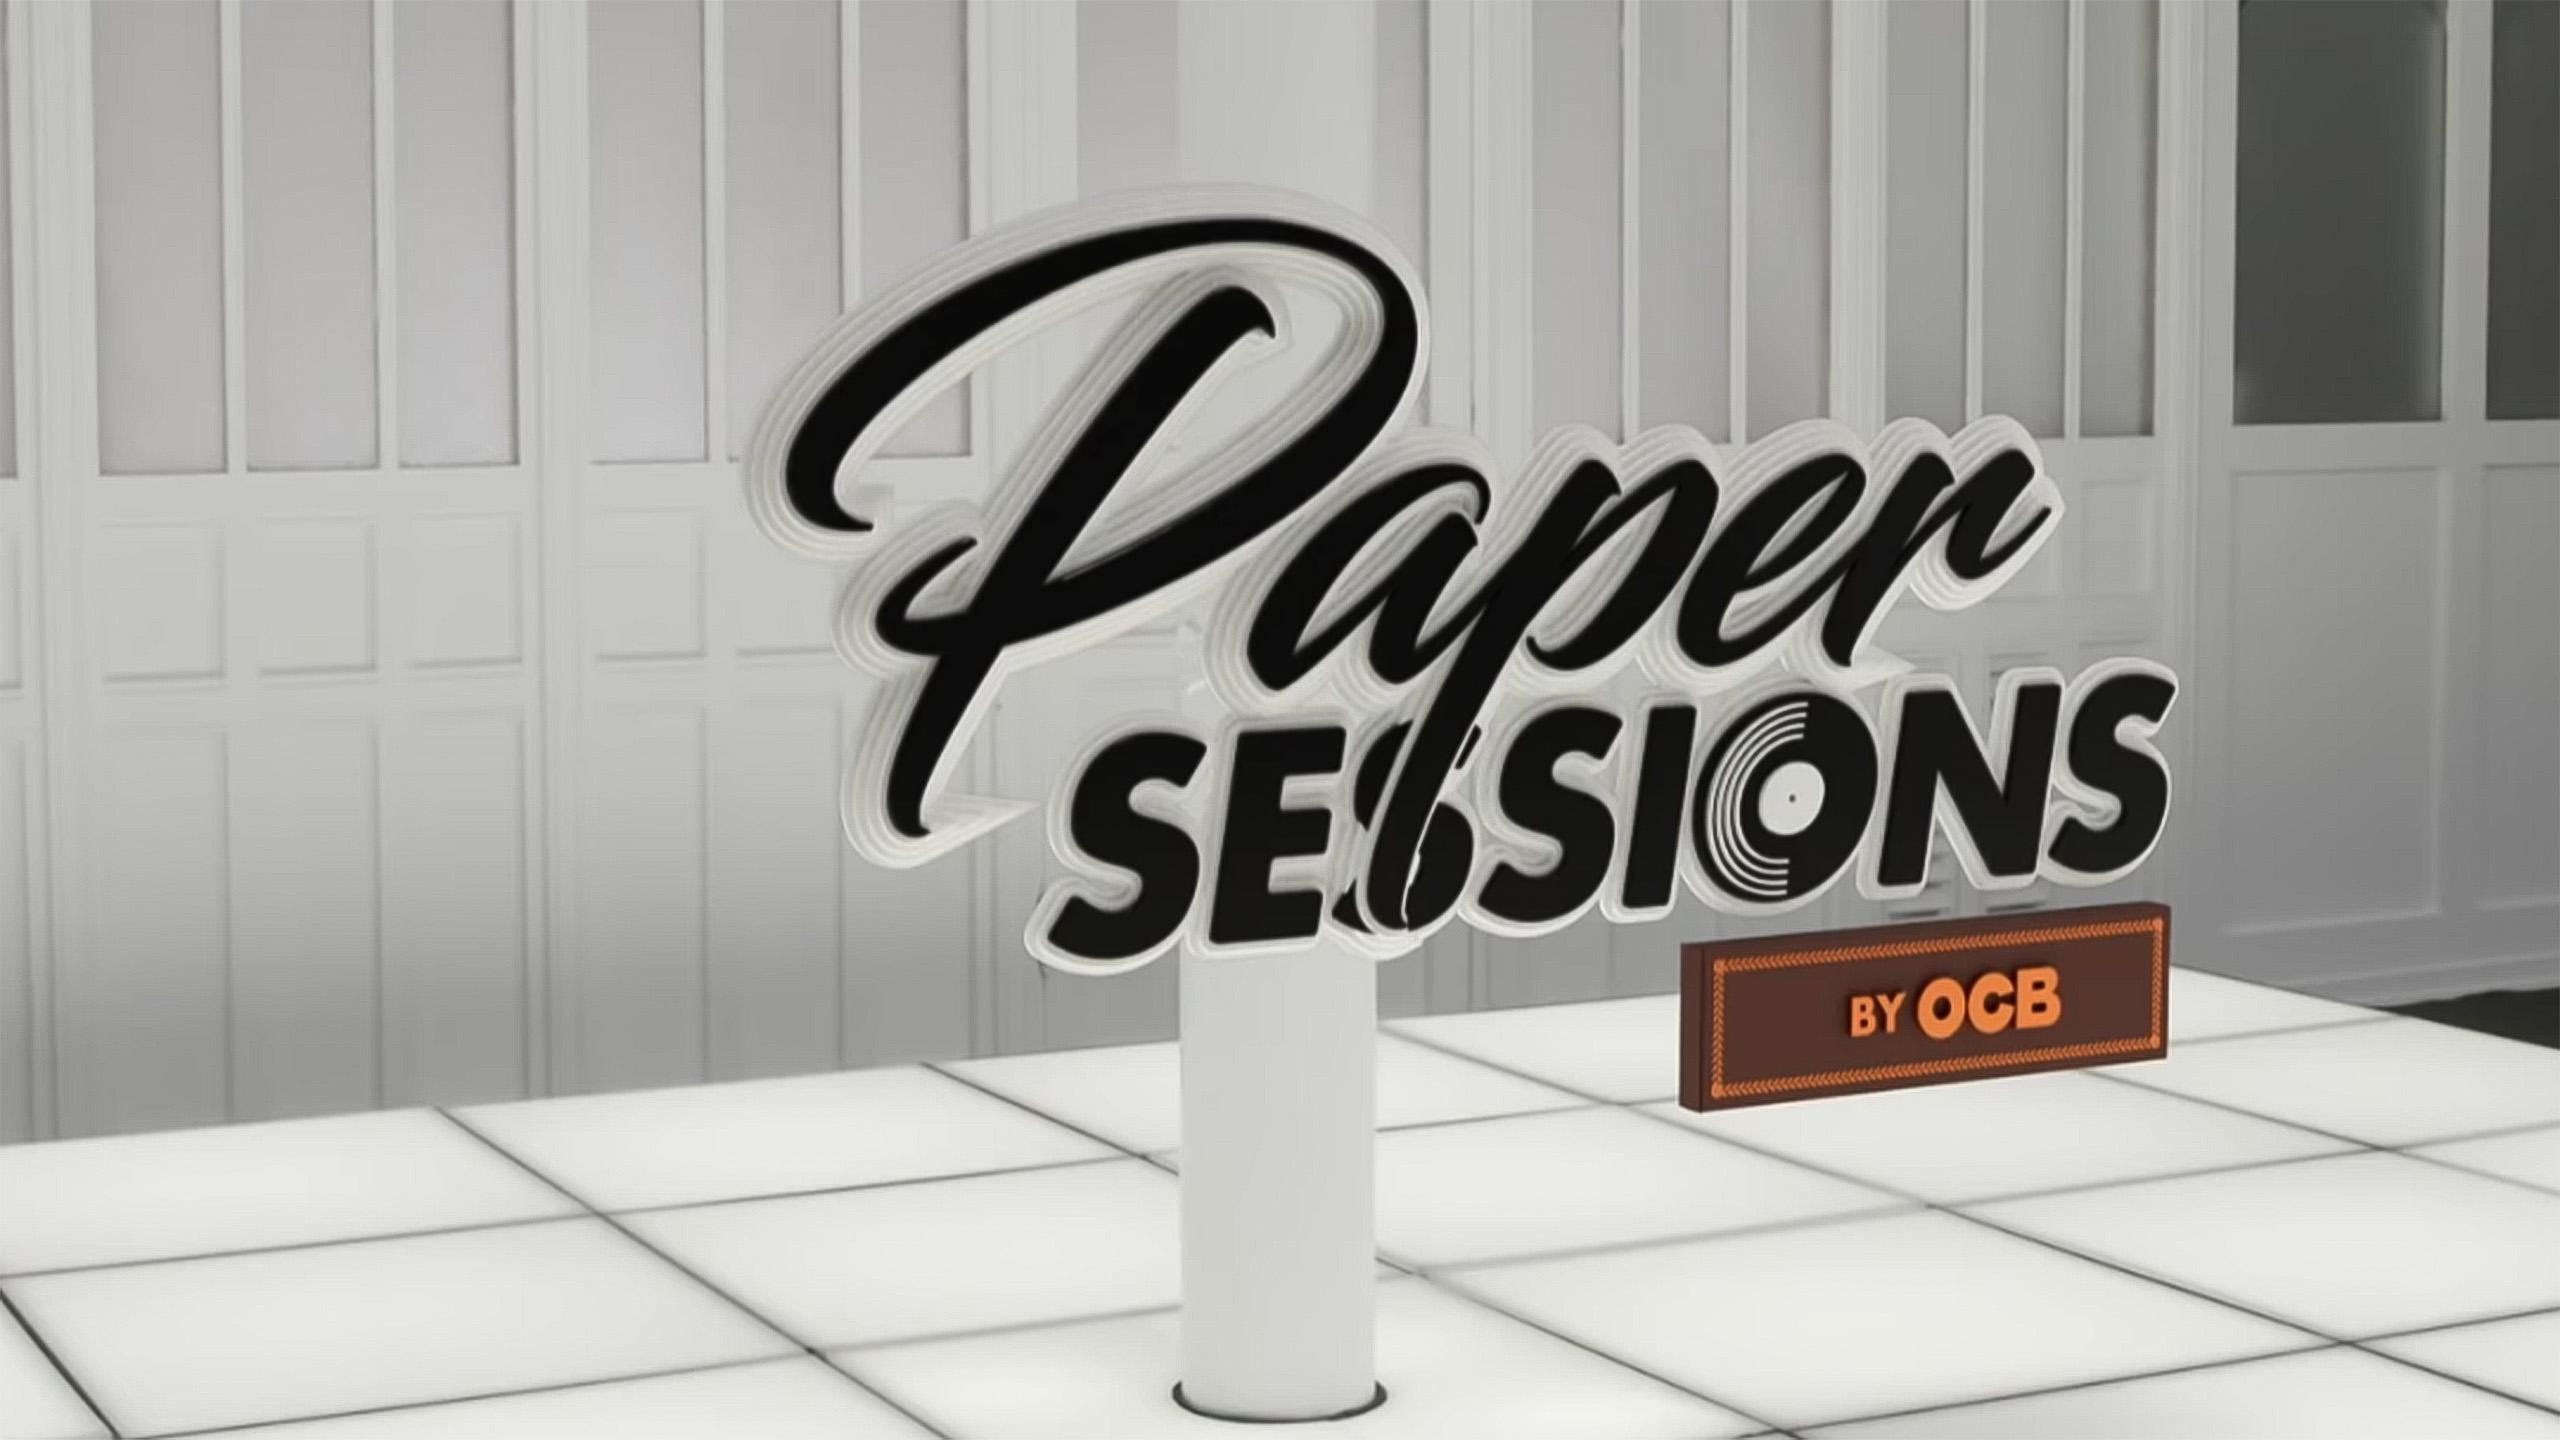 OCB Paper Sessions